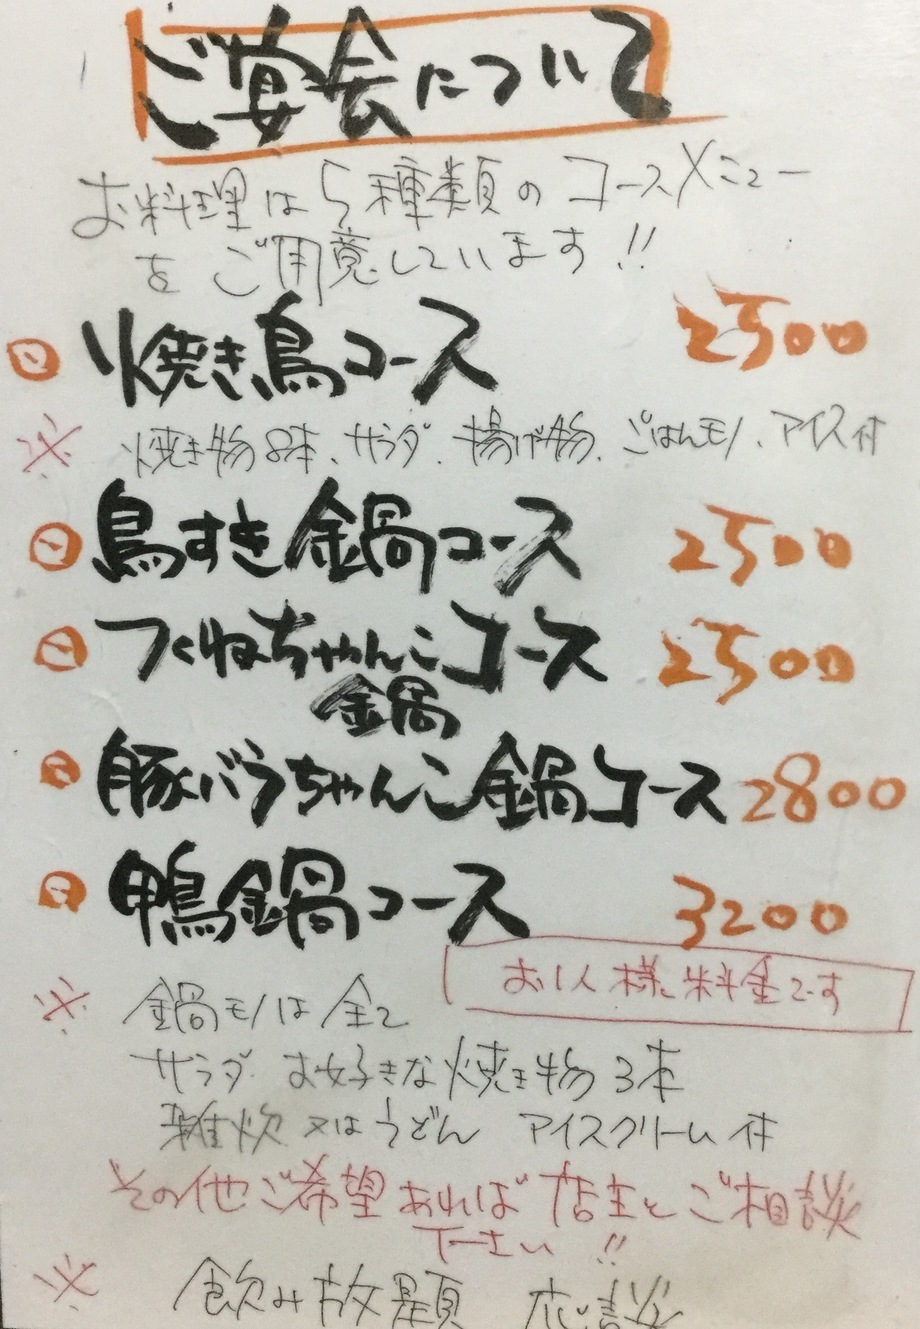 ご宴会メニュー(¥ 2500 〜)